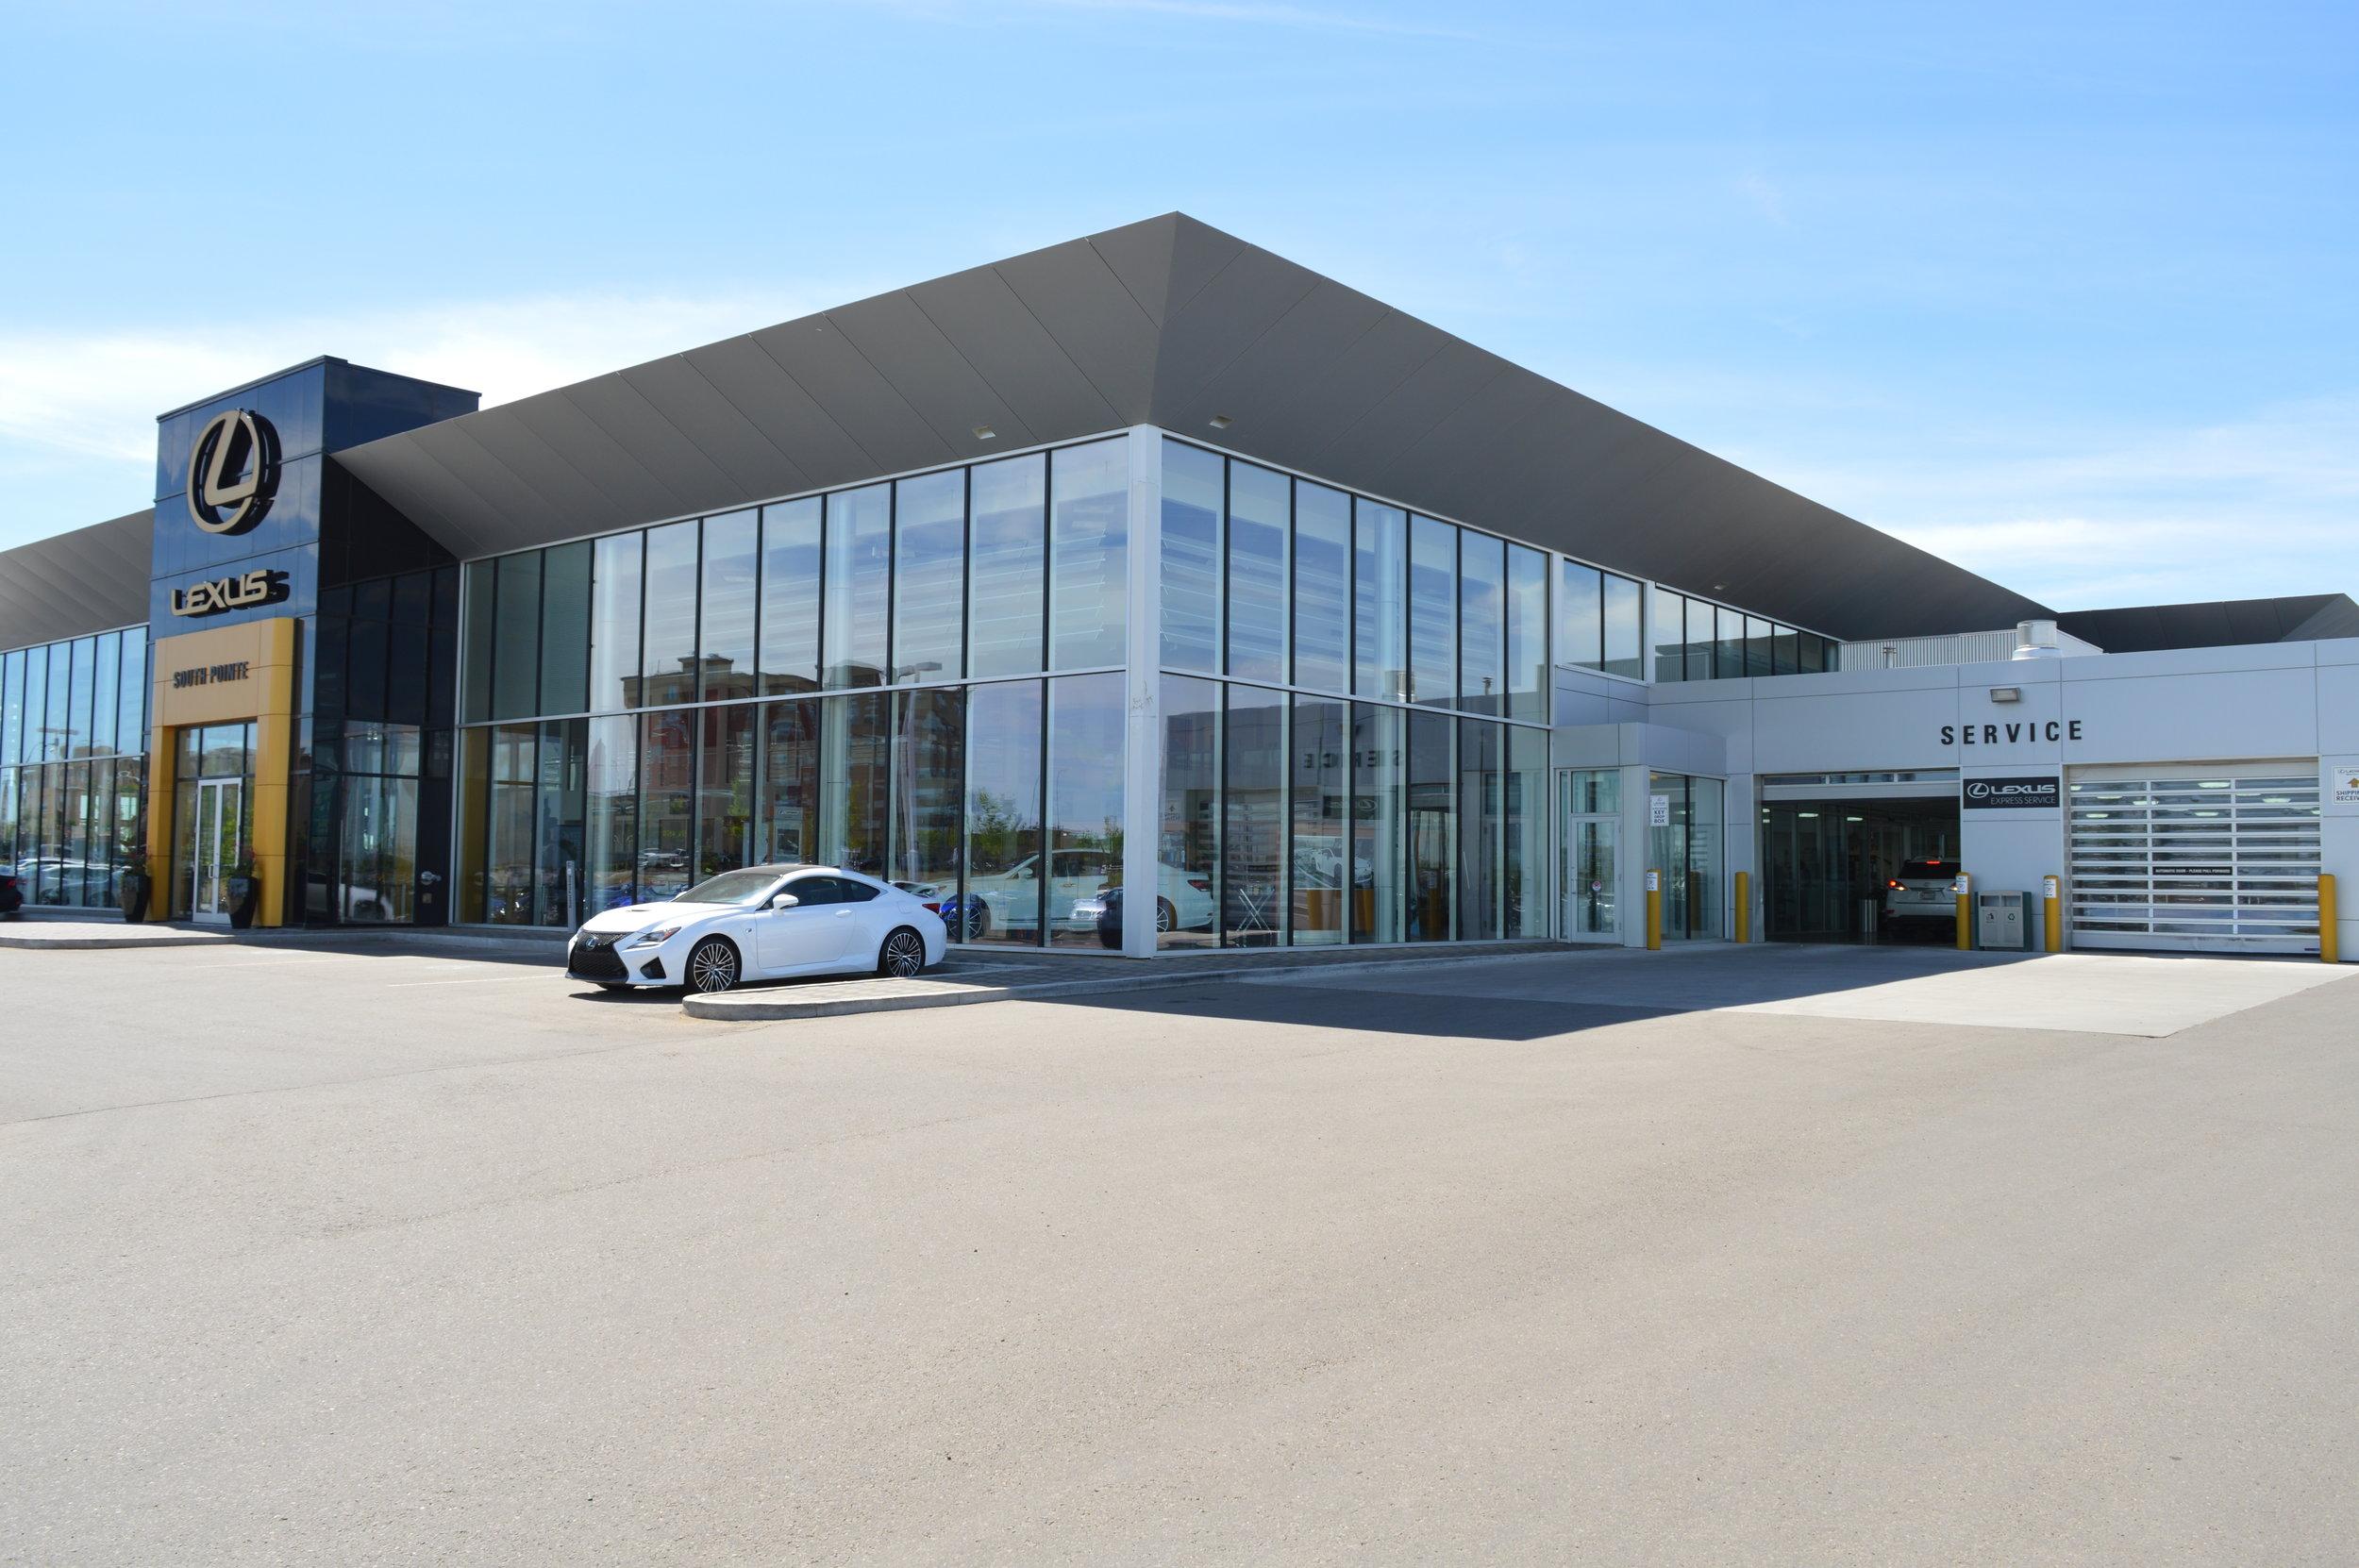 Lexus Service - Hormann Speed-Guardian 4000